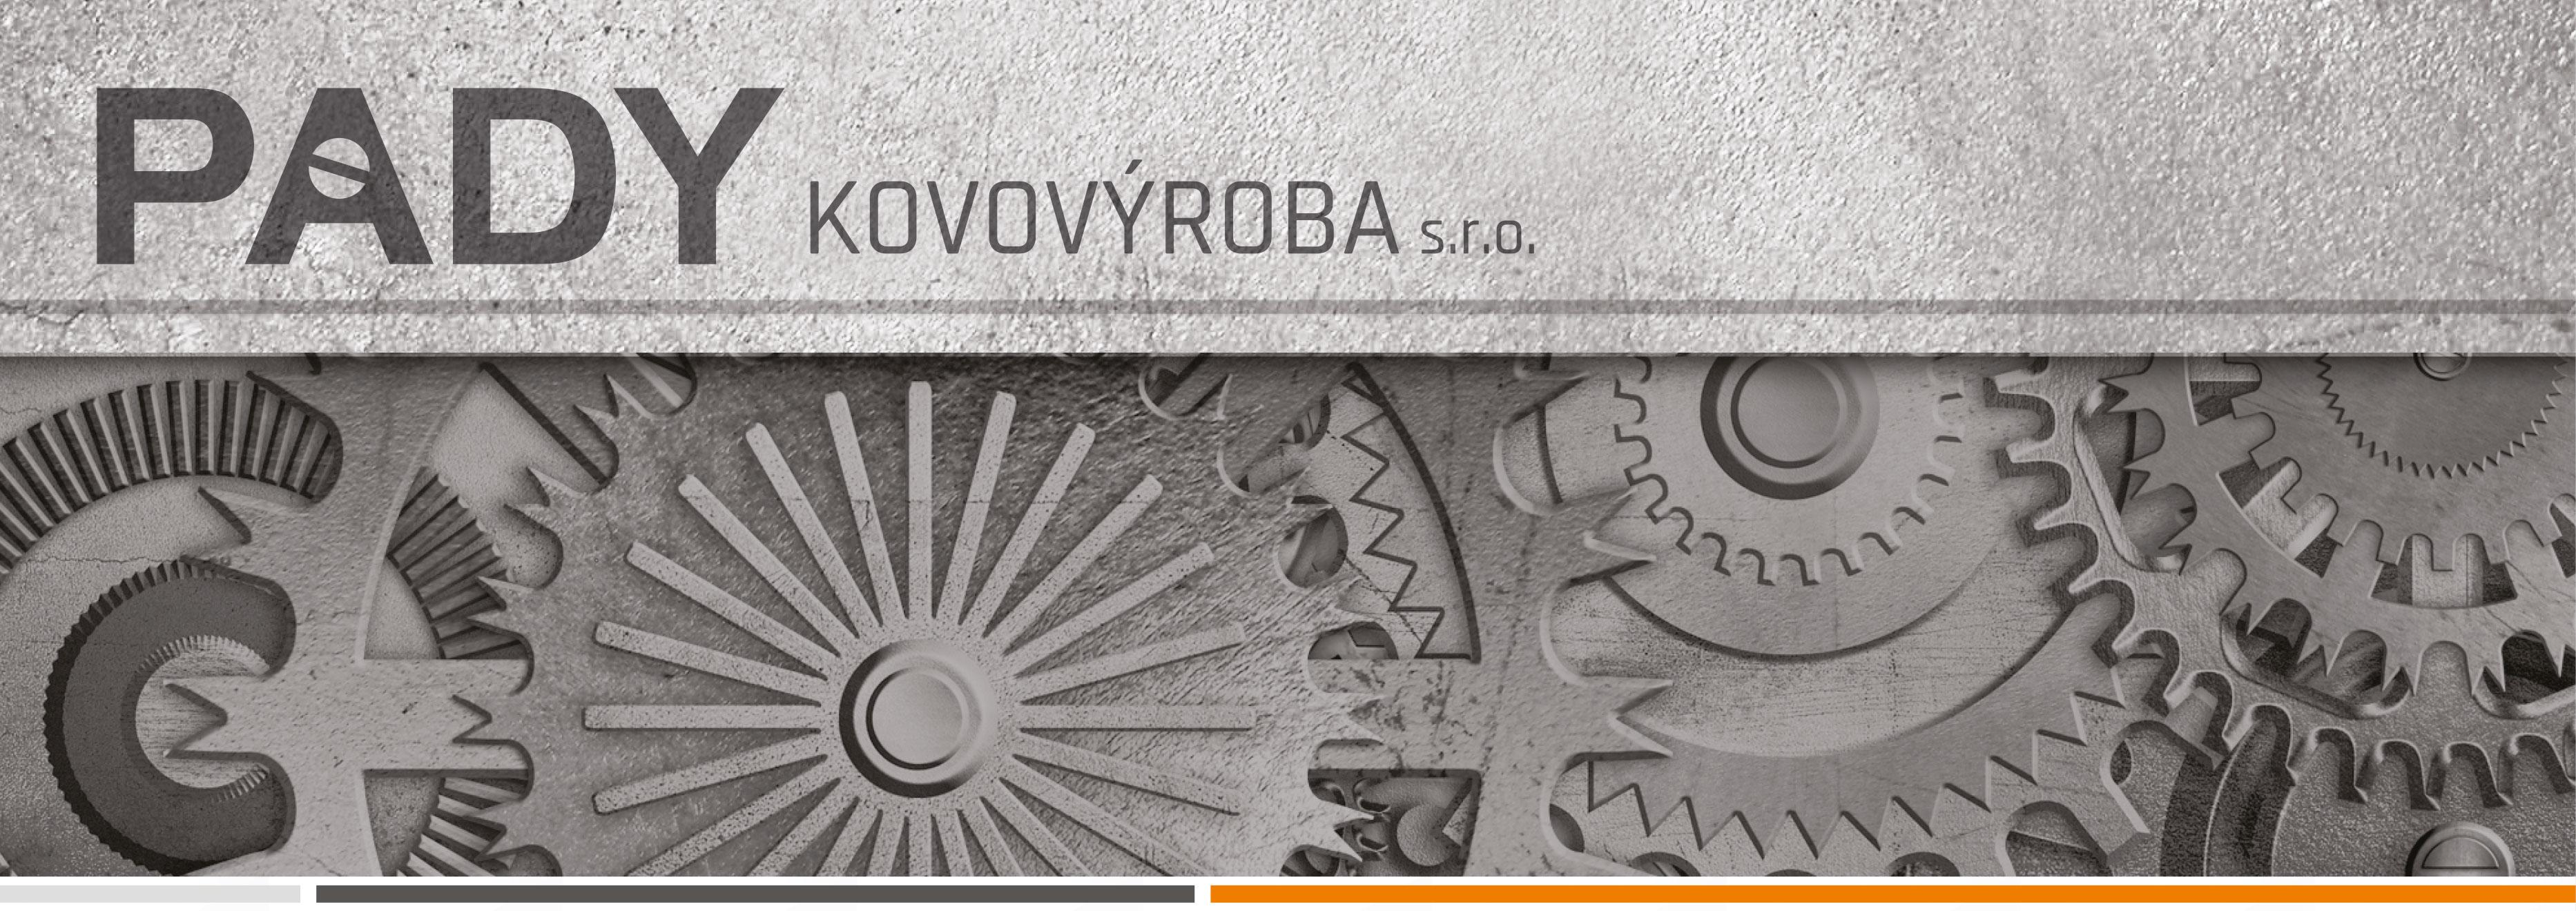 logo firmy PADY kovovýroba s.r.o.